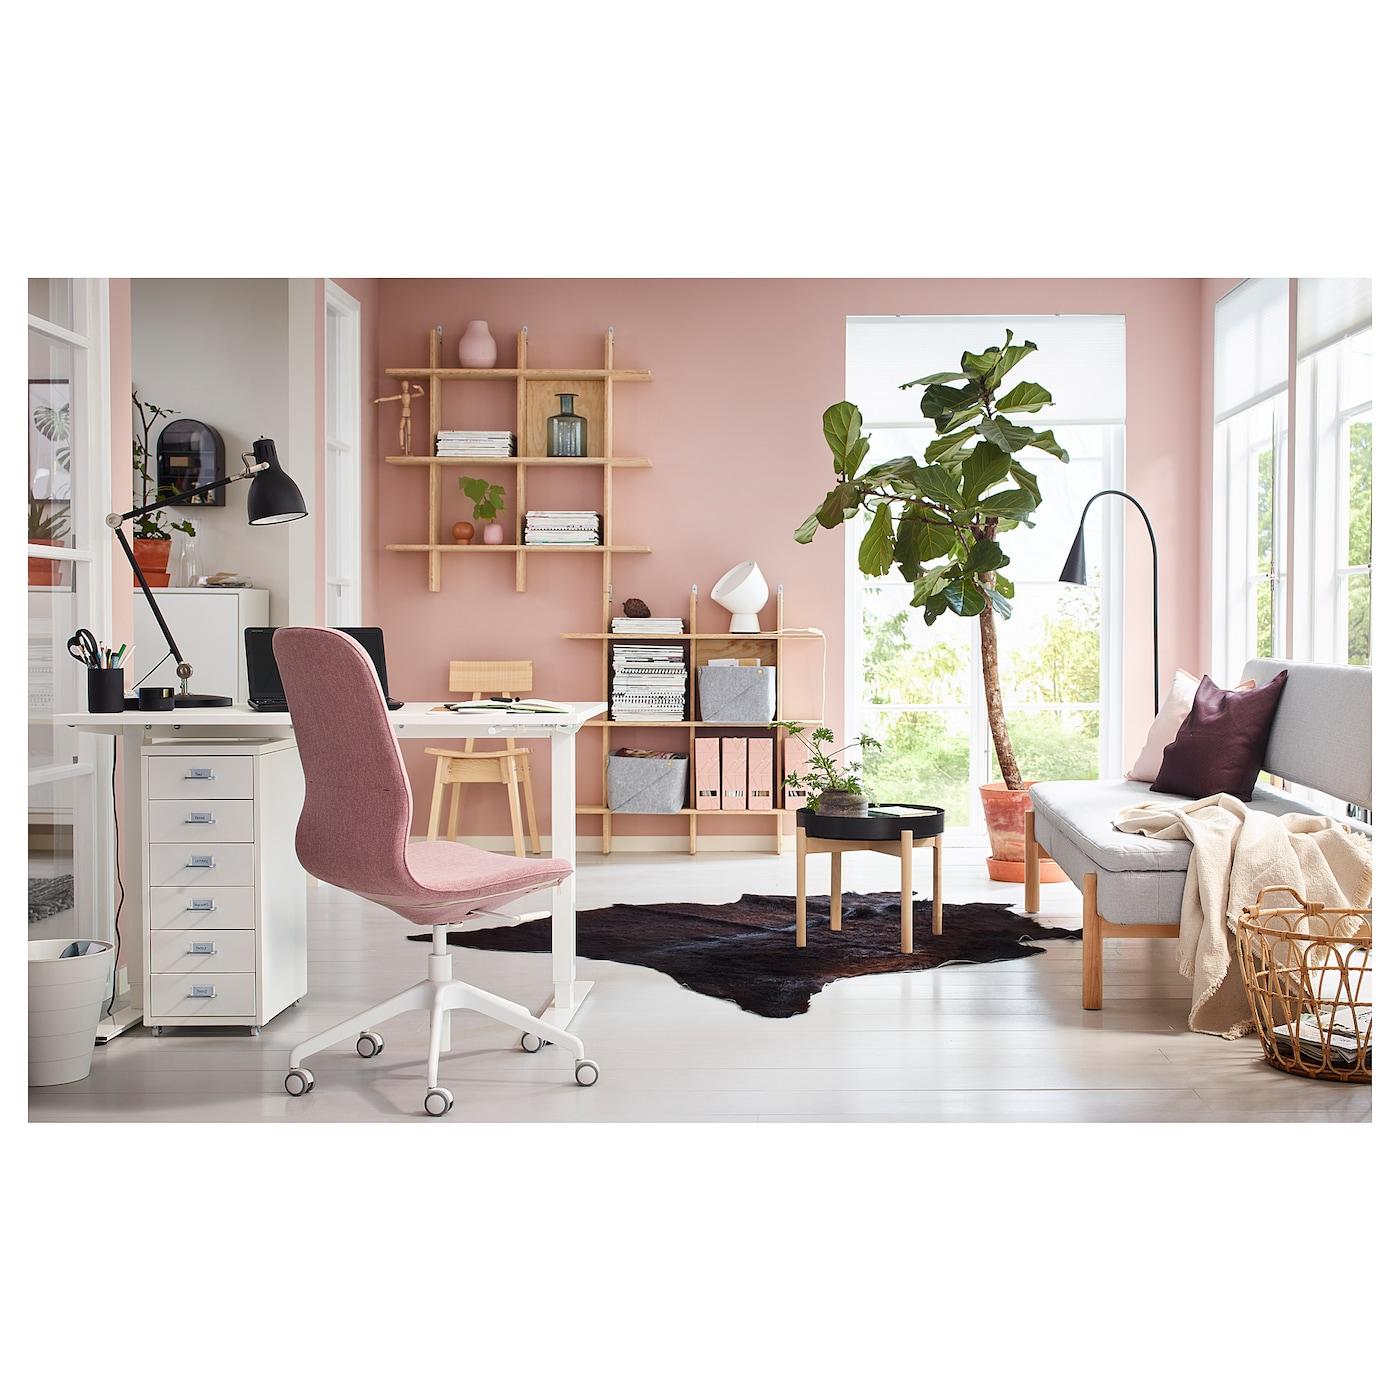 LÅNGFJÄLL Bureaustoel, Gunnared oudroze. Bestel hier IKEA